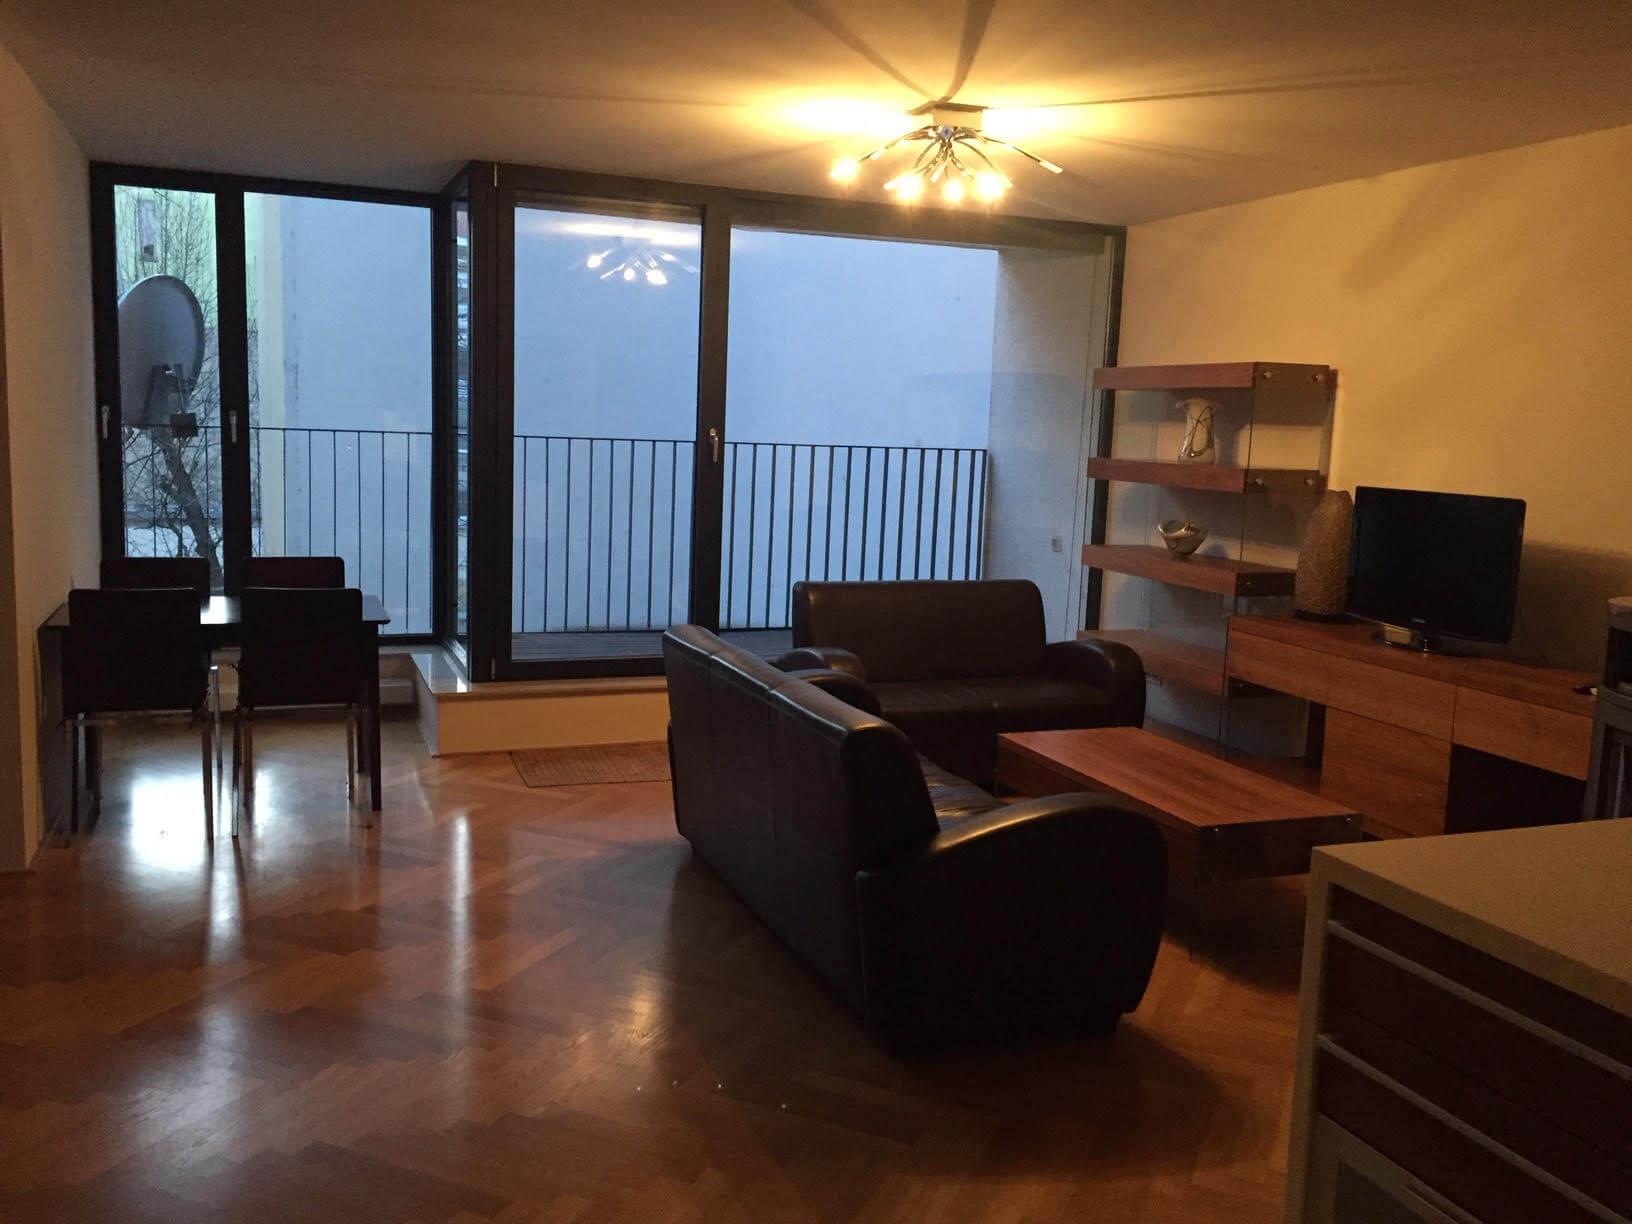 Luxusný 3 izbový byt v centre BA, 88m2, Dunajská 48, balkón 6m, garážové státie,klimatizácia, krb-2